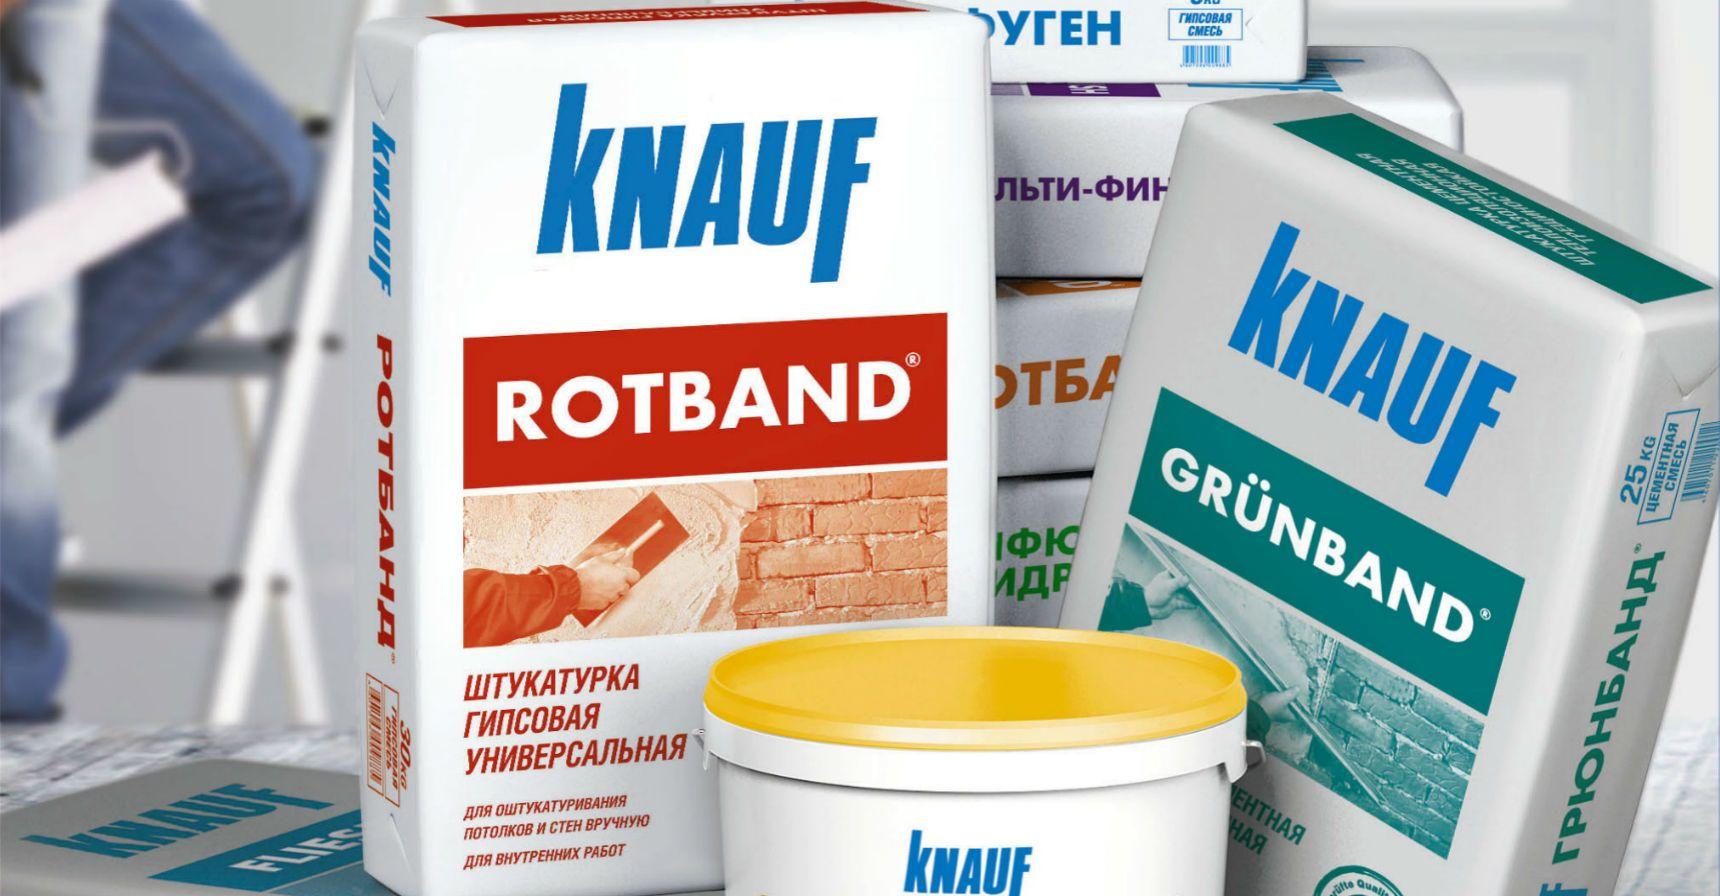 Штукатурка knauf rotband: гипсовая штукатурная смесь в упаковках по